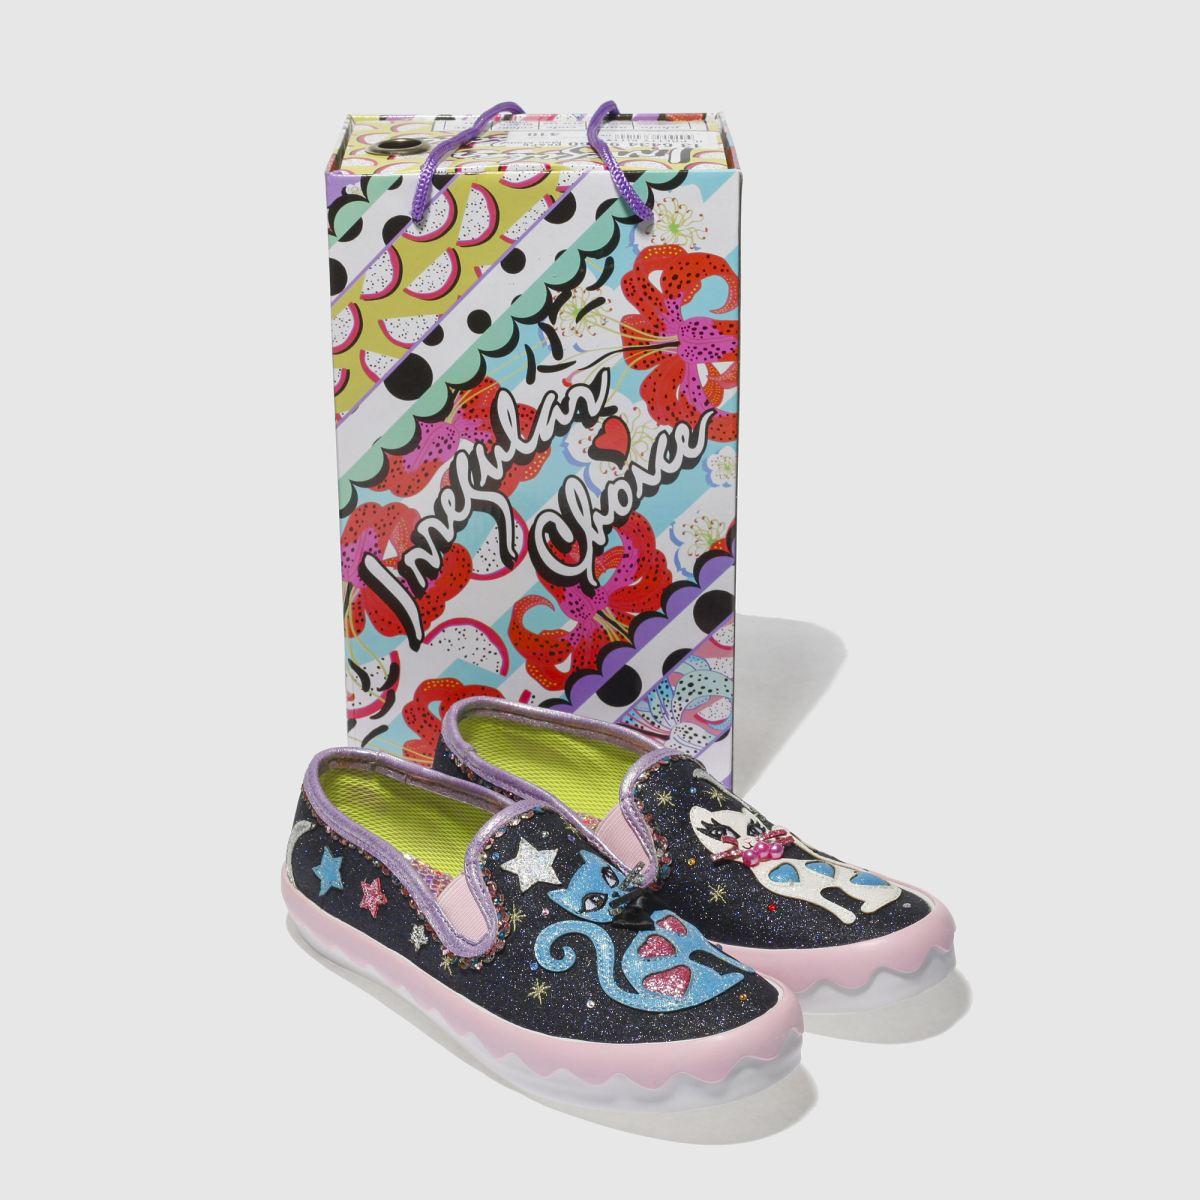 Damen schuh Schwarz-pink irregular choice Pretty Kitty Flats | schuh Damen Gute Qualität beliebte Schuhe d36dcf